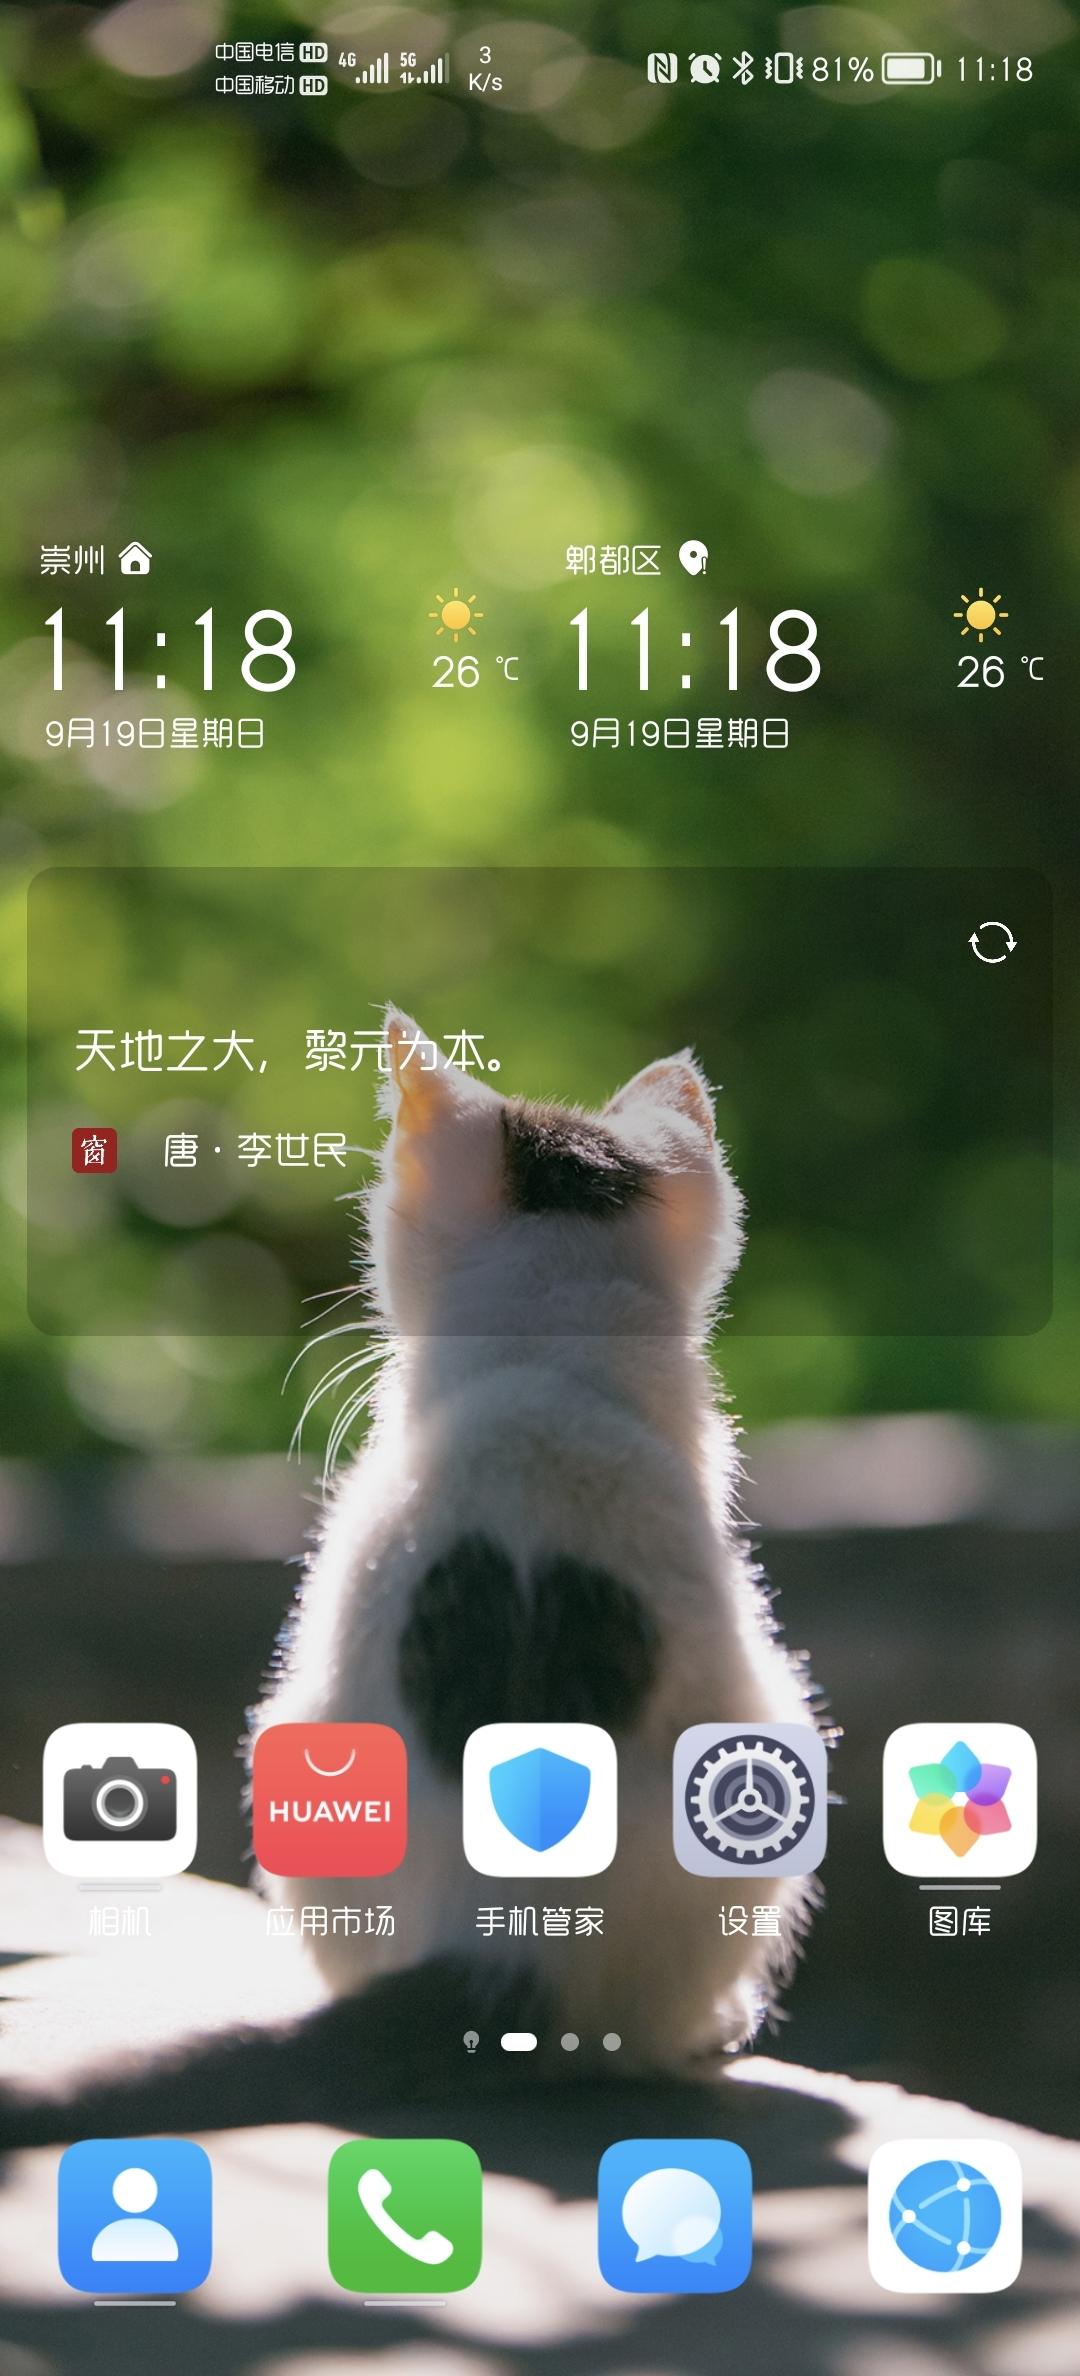 Screenshot_20210919_111806_com.huawei.android.launcher.jpg